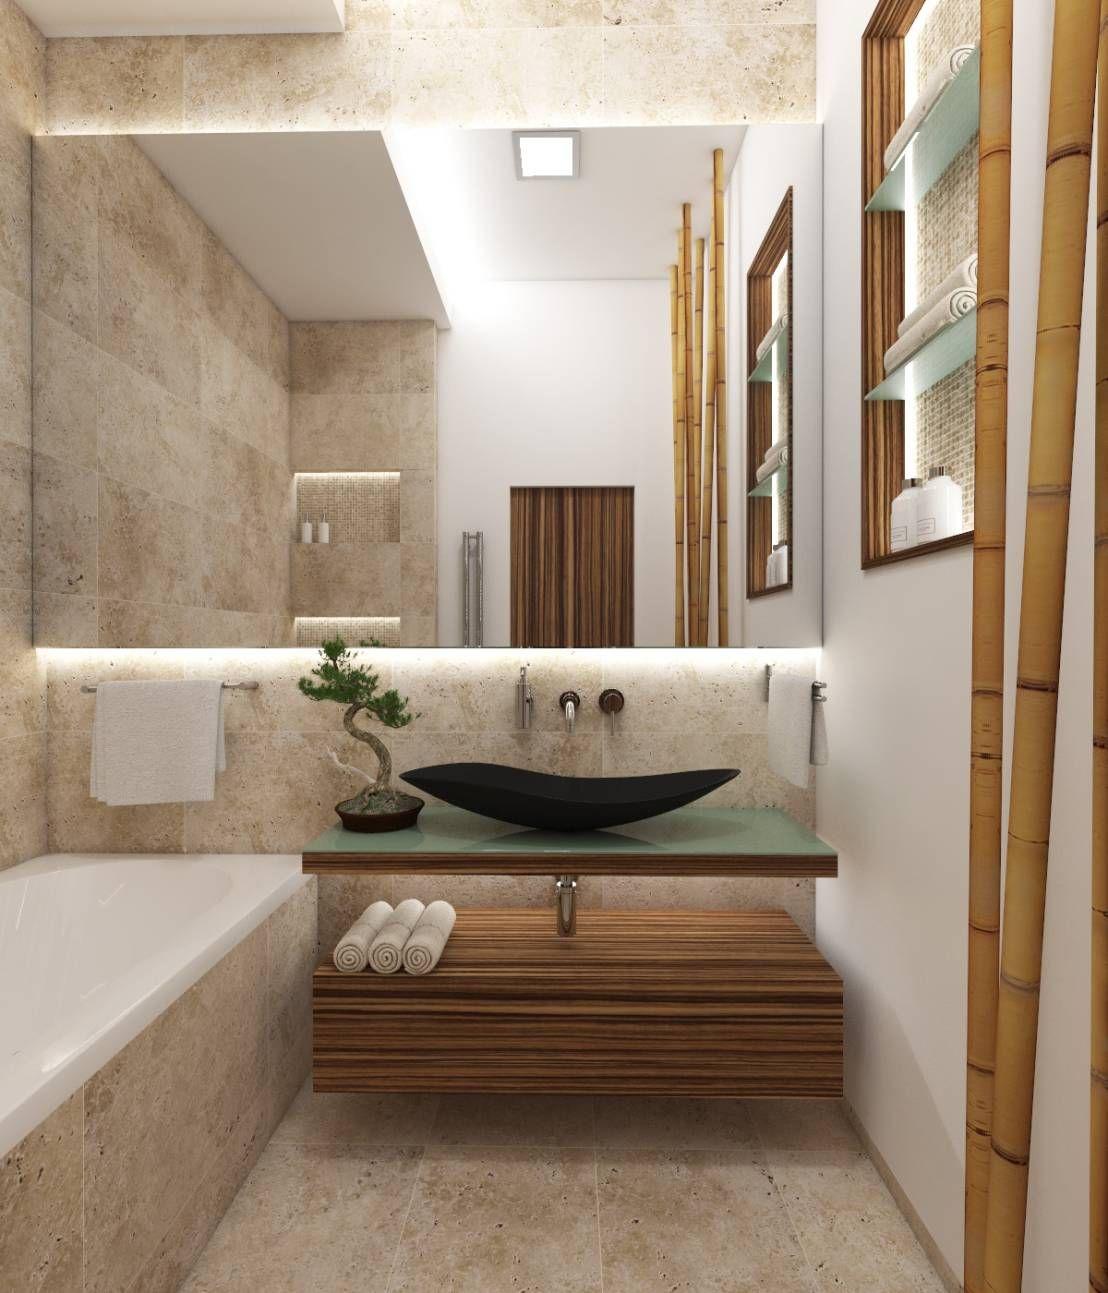 Wie Du Mit Naturstein Jedes Badezimmer Verschonern Kannst Homify Homify Badezimmer Badezimmer Naturstein Badezimmer Innenausstattung